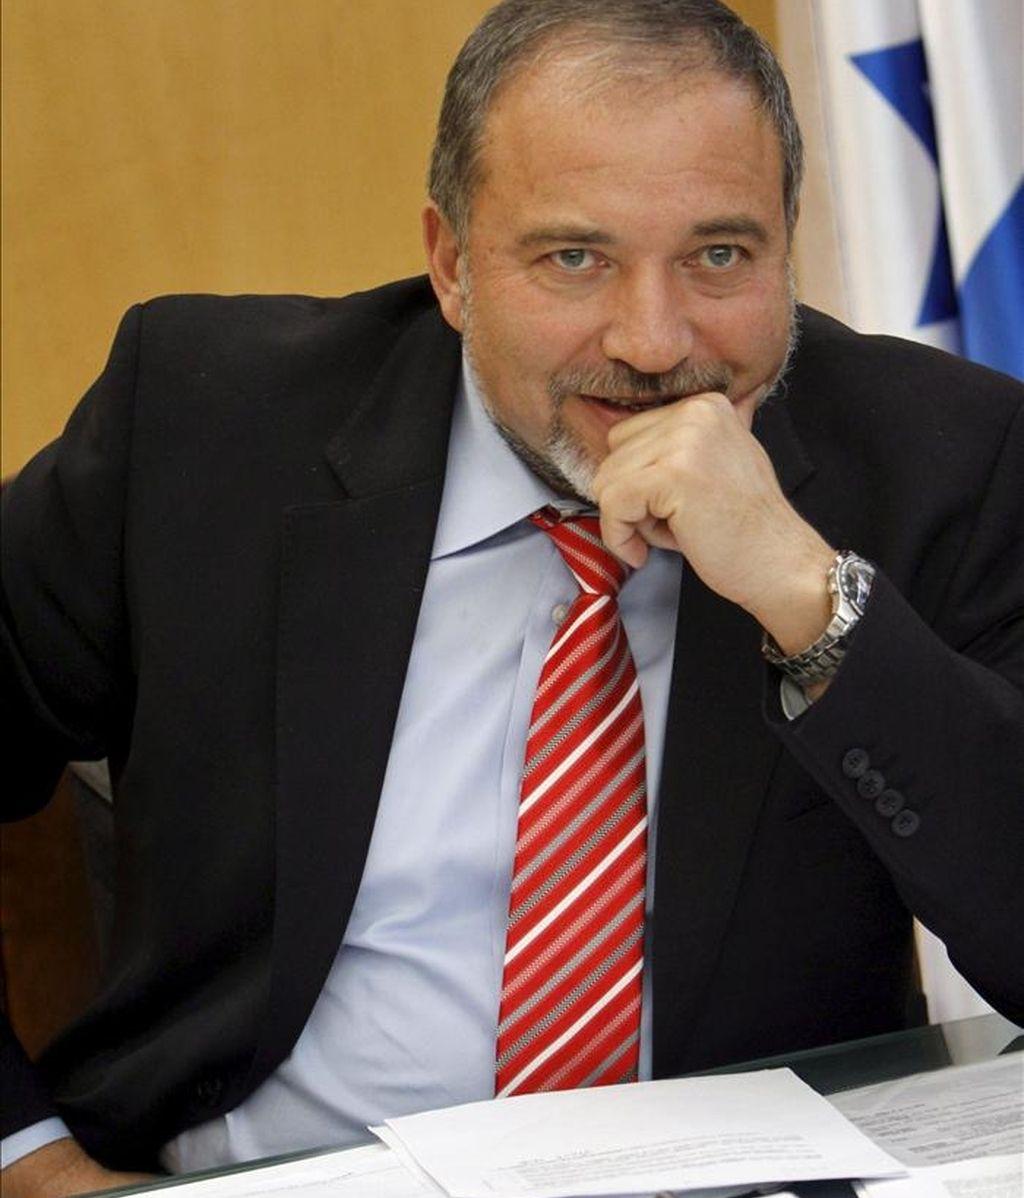 El ministro israelí de Asuntos Exteriores, Avigdor Liberman. EFE/Archivo